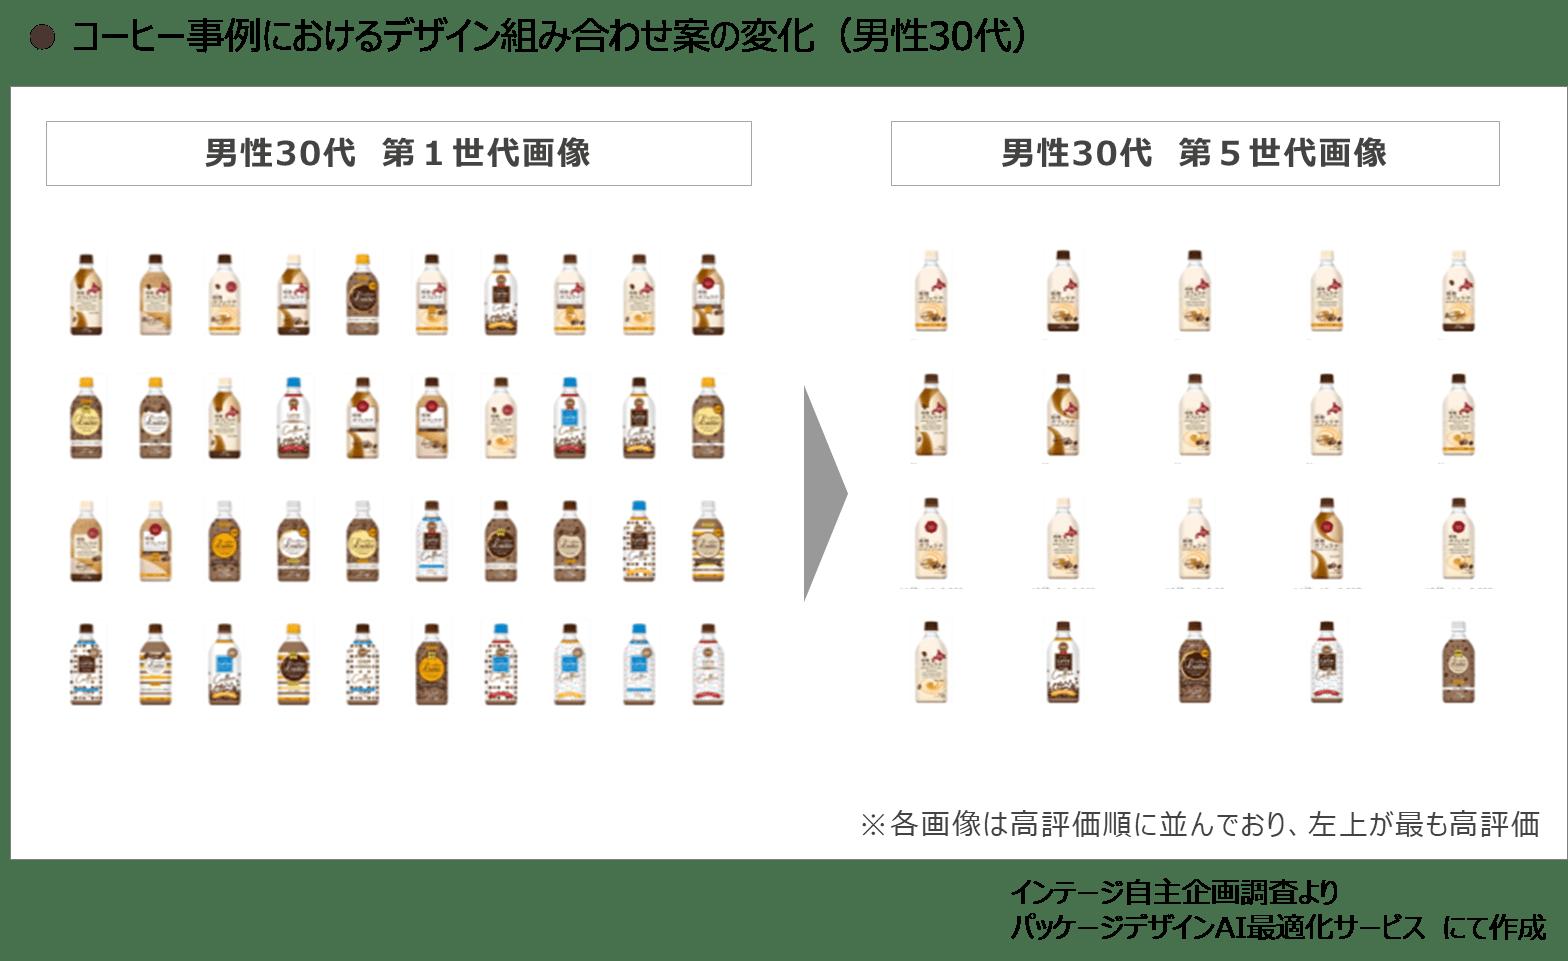 コーヒー事例におけるデザイン組み合わせ案の変化(男性30代)イメージ図